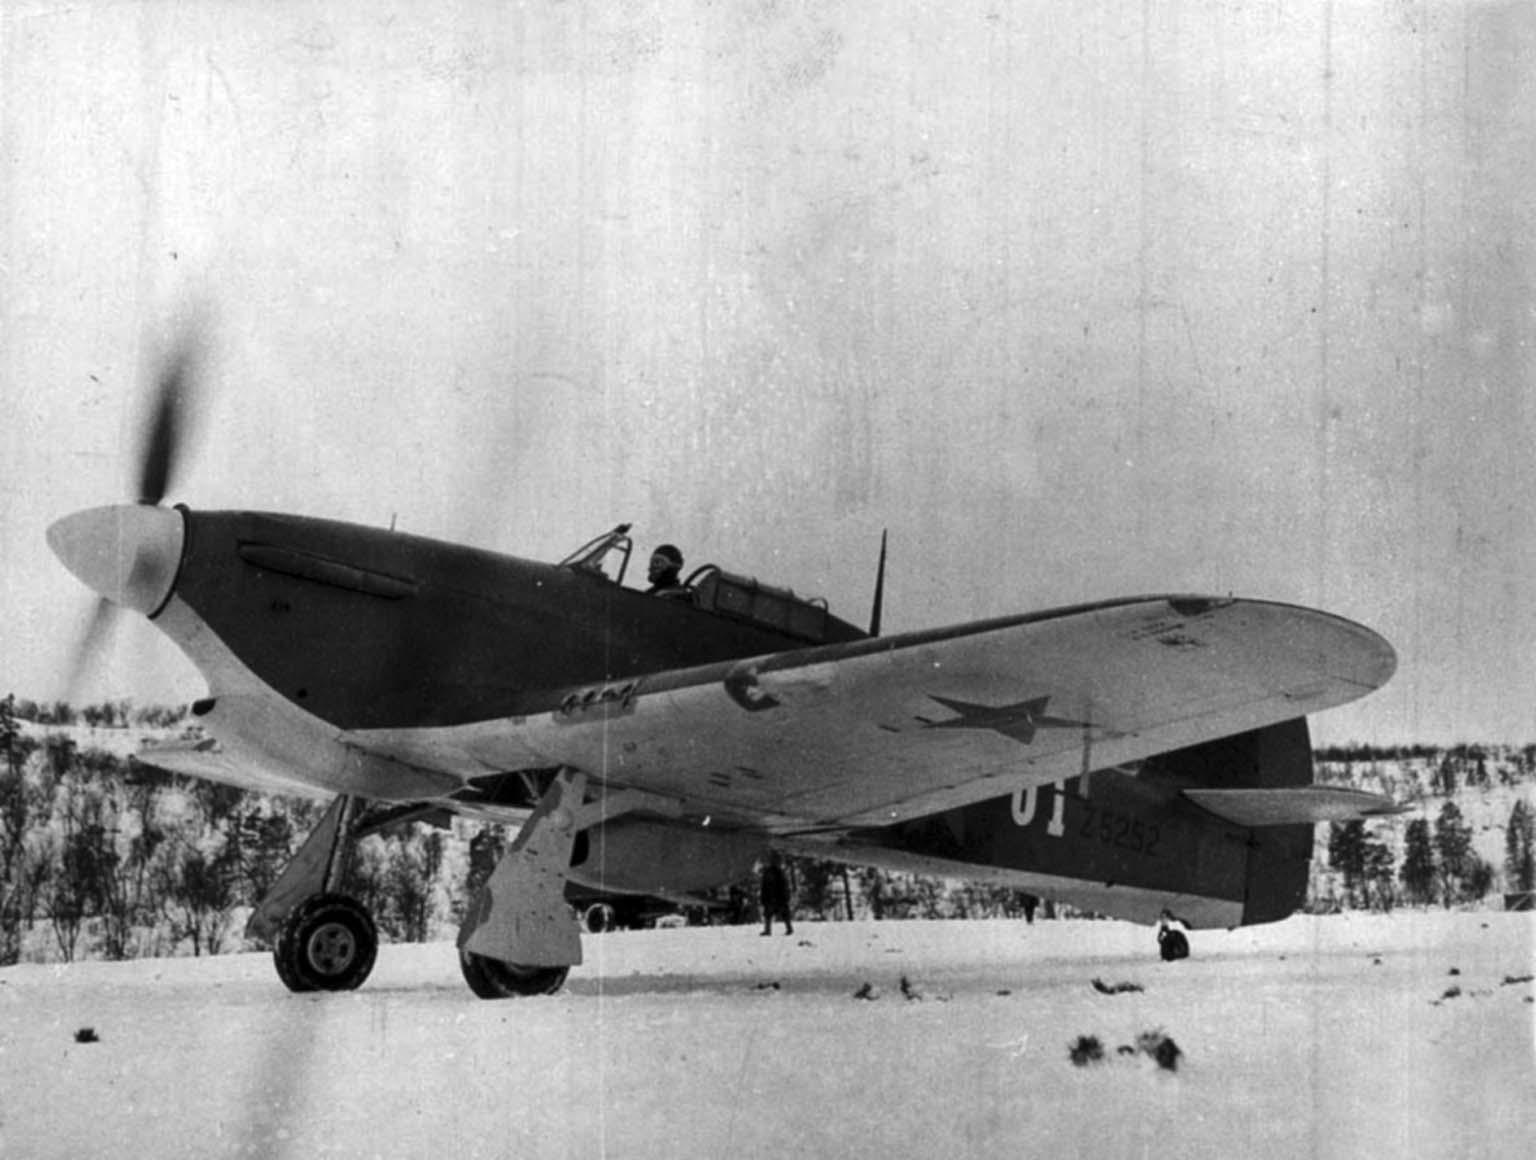 Hurricane Mk IIB